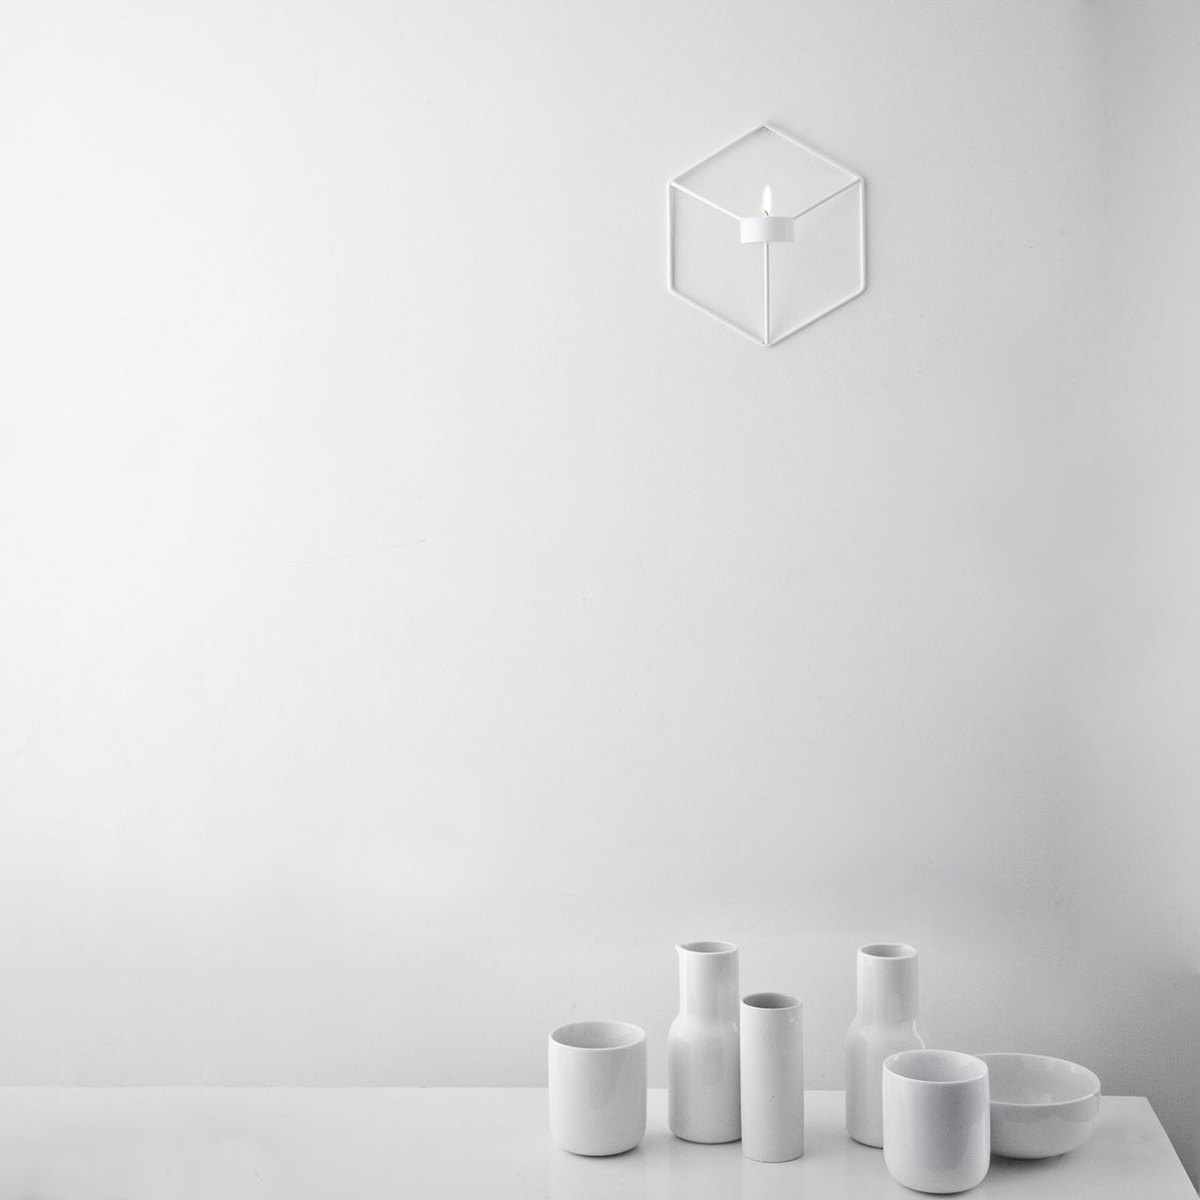 Porta candela pov da parete by menu lovethesign - Portacandele da parete ...